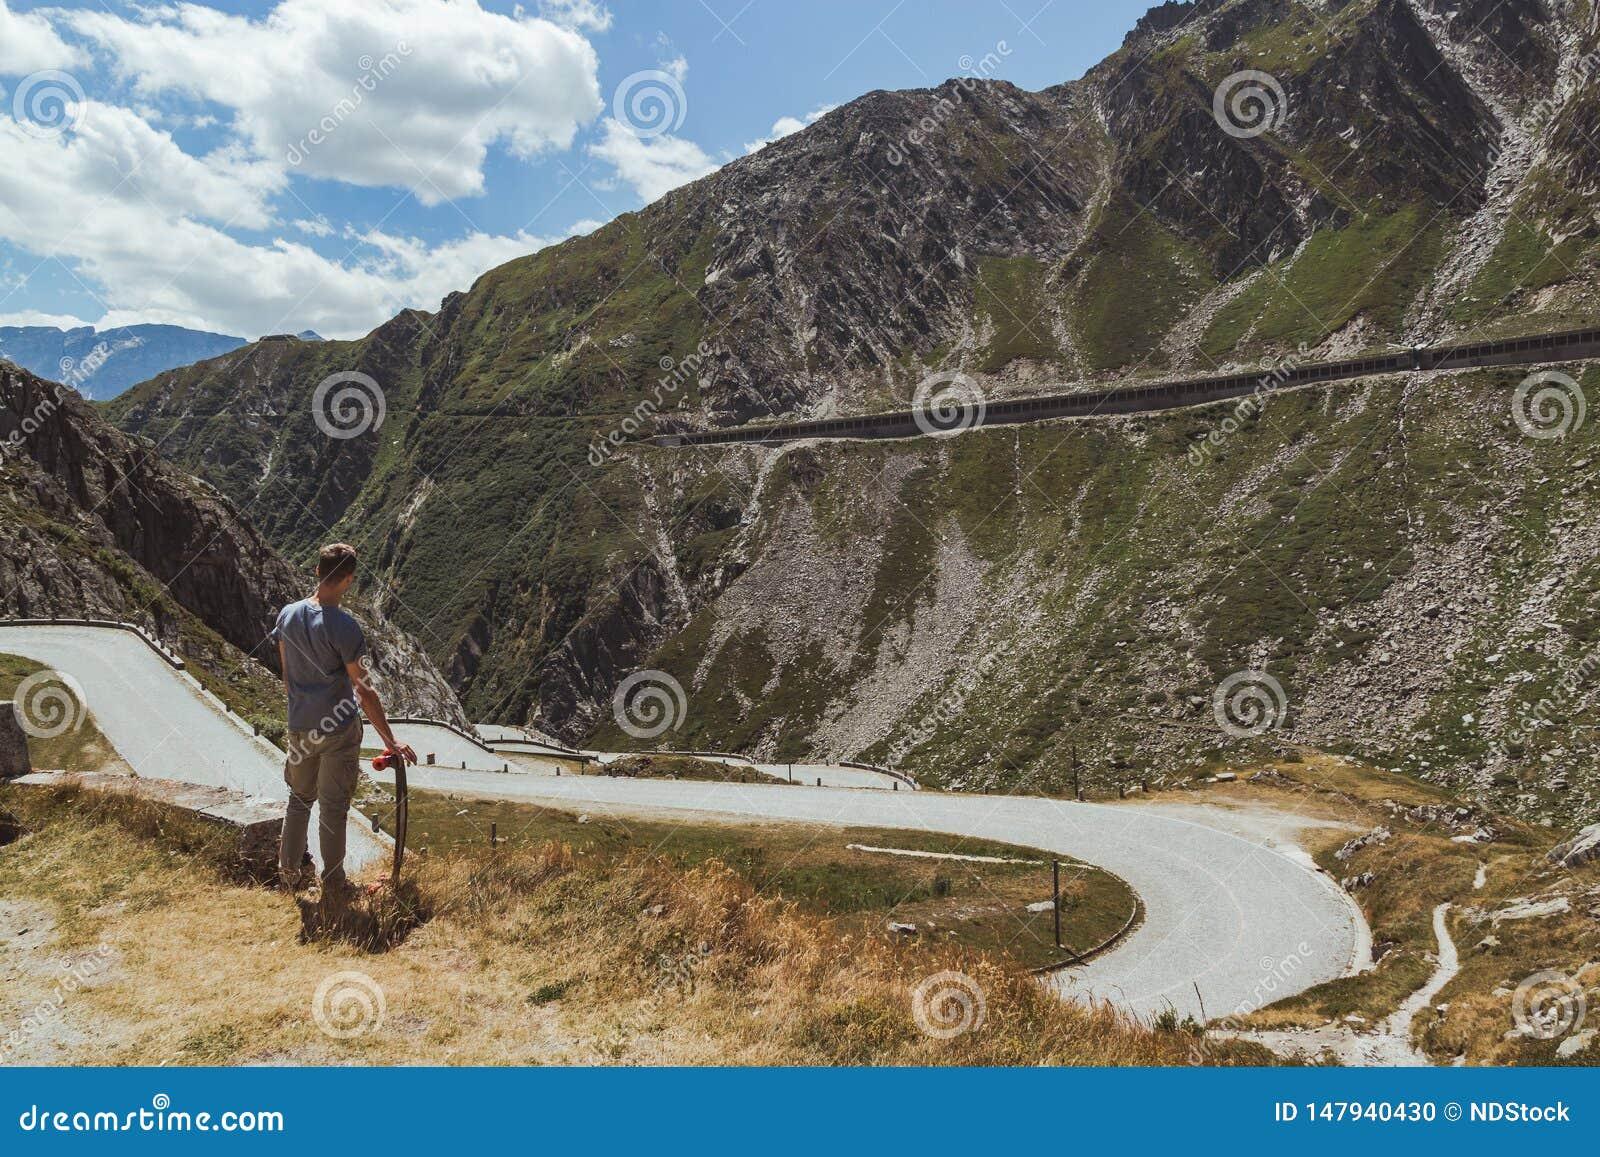 Jeune homme avec le longboard contemplant une route sinueuse descendant dans une vallée